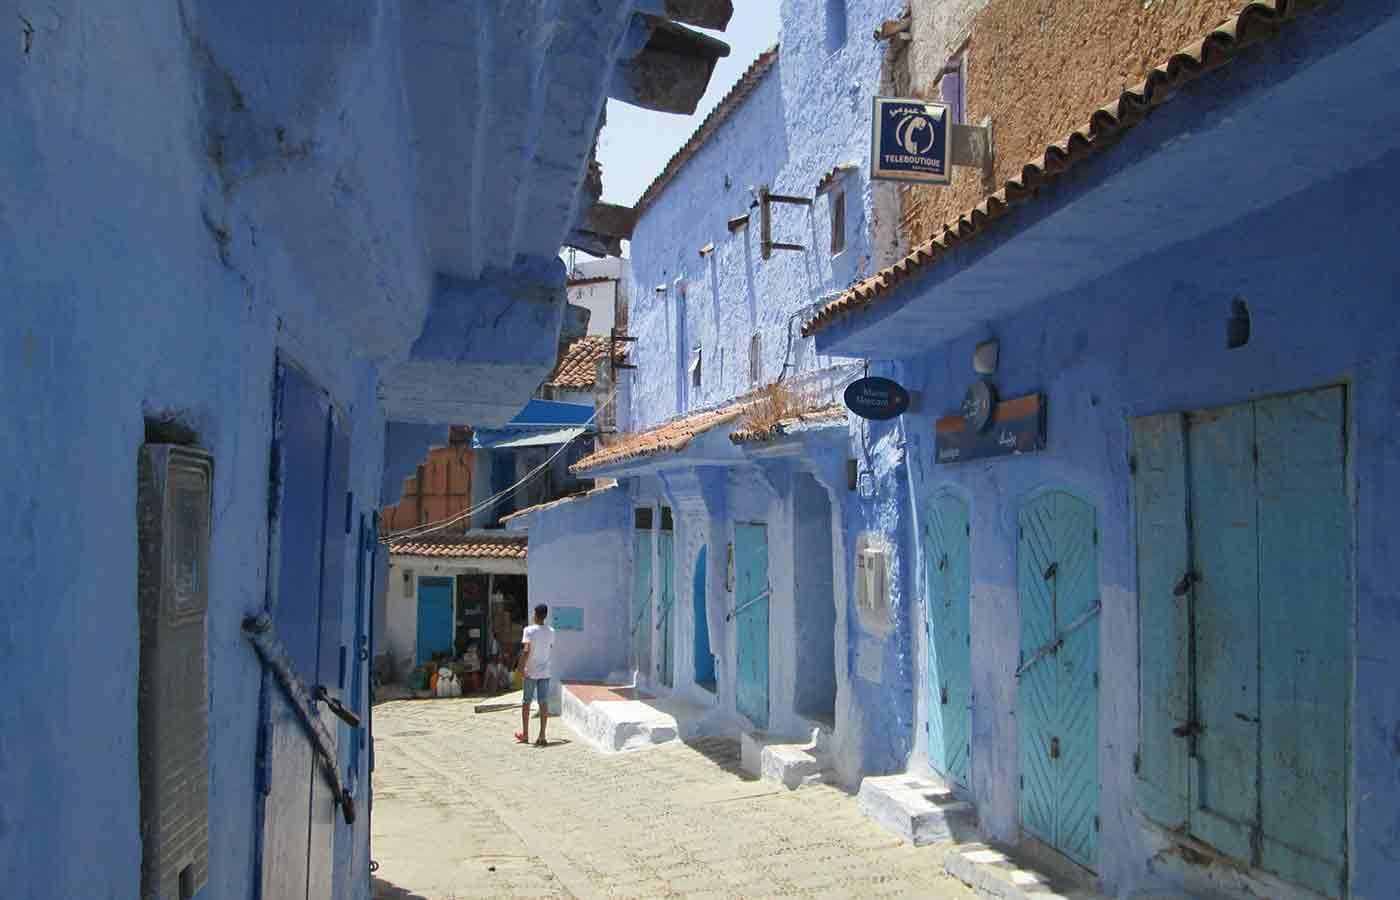 Chaouen destino turístico para visitar